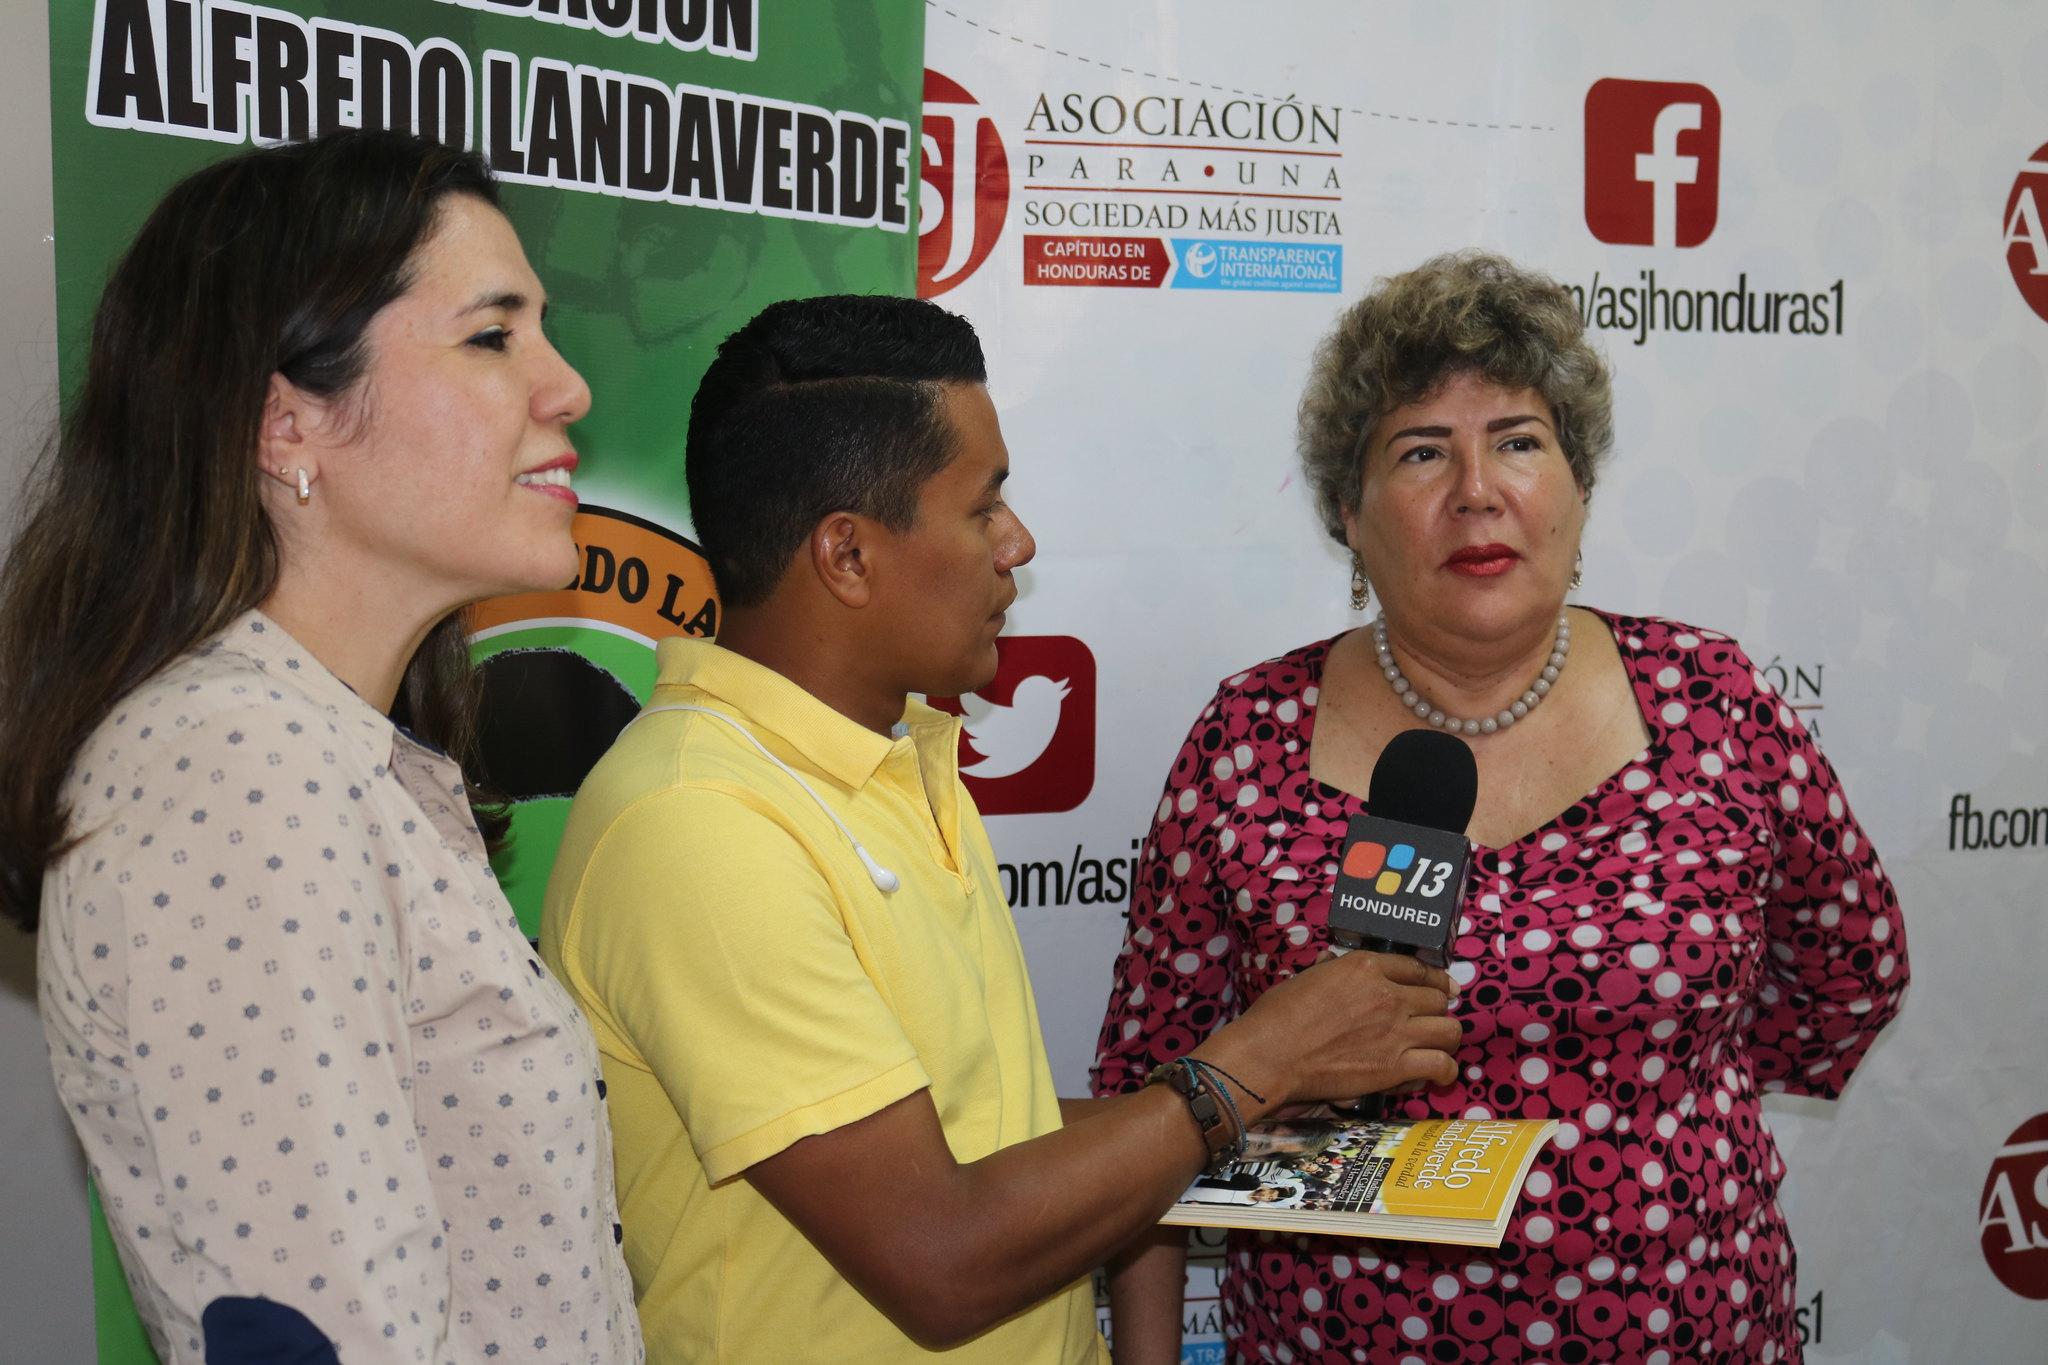 Conferencia Temática: Al rescate de nuestros valores a la luz del legado de Alfredo Landaverde